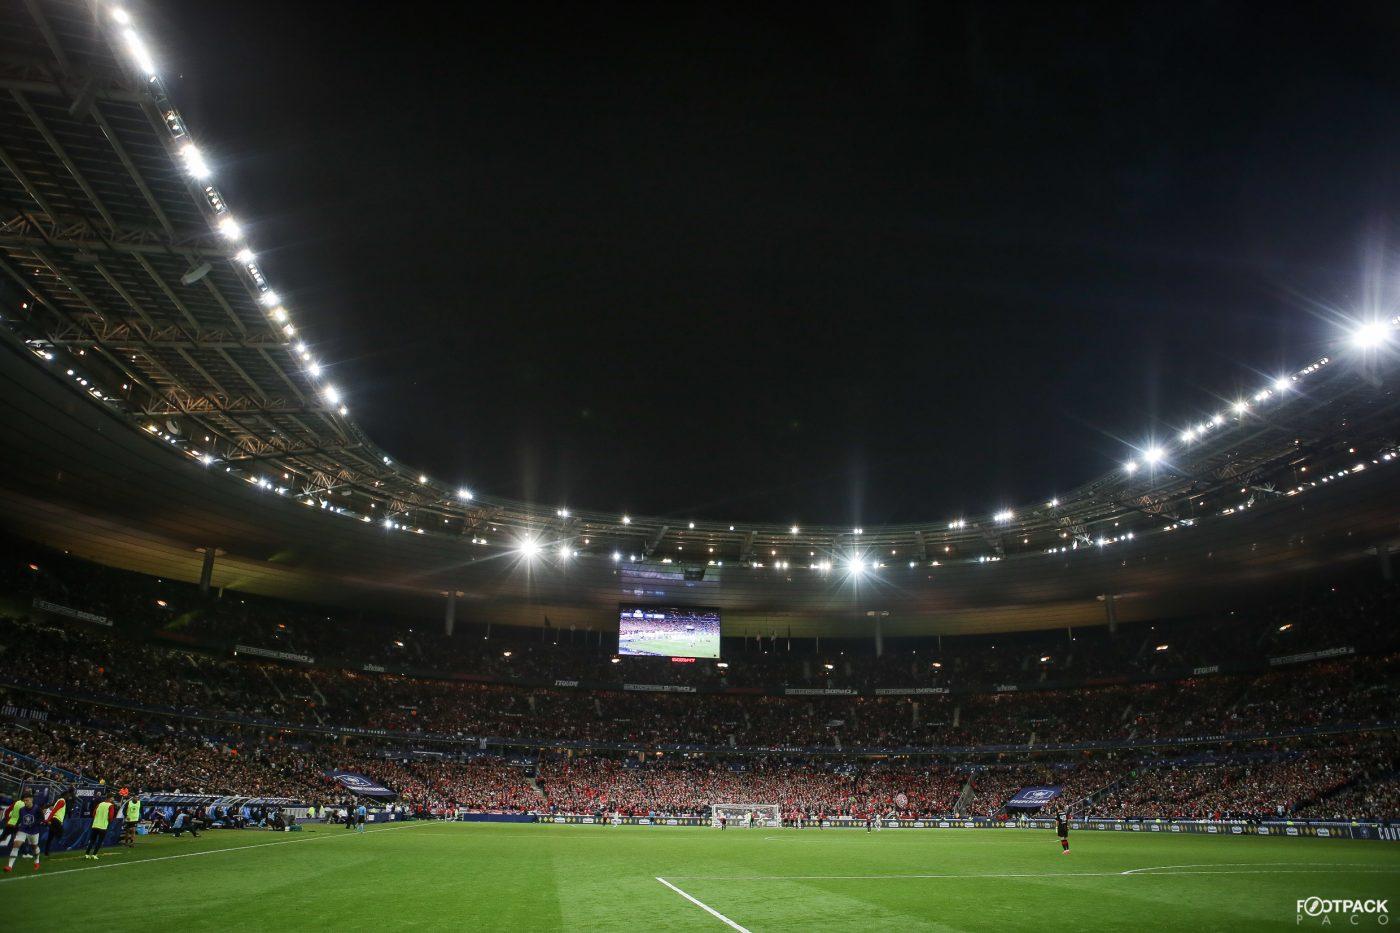 finale-coupe-de-france-2019-rennes-paris-saint-germain-77